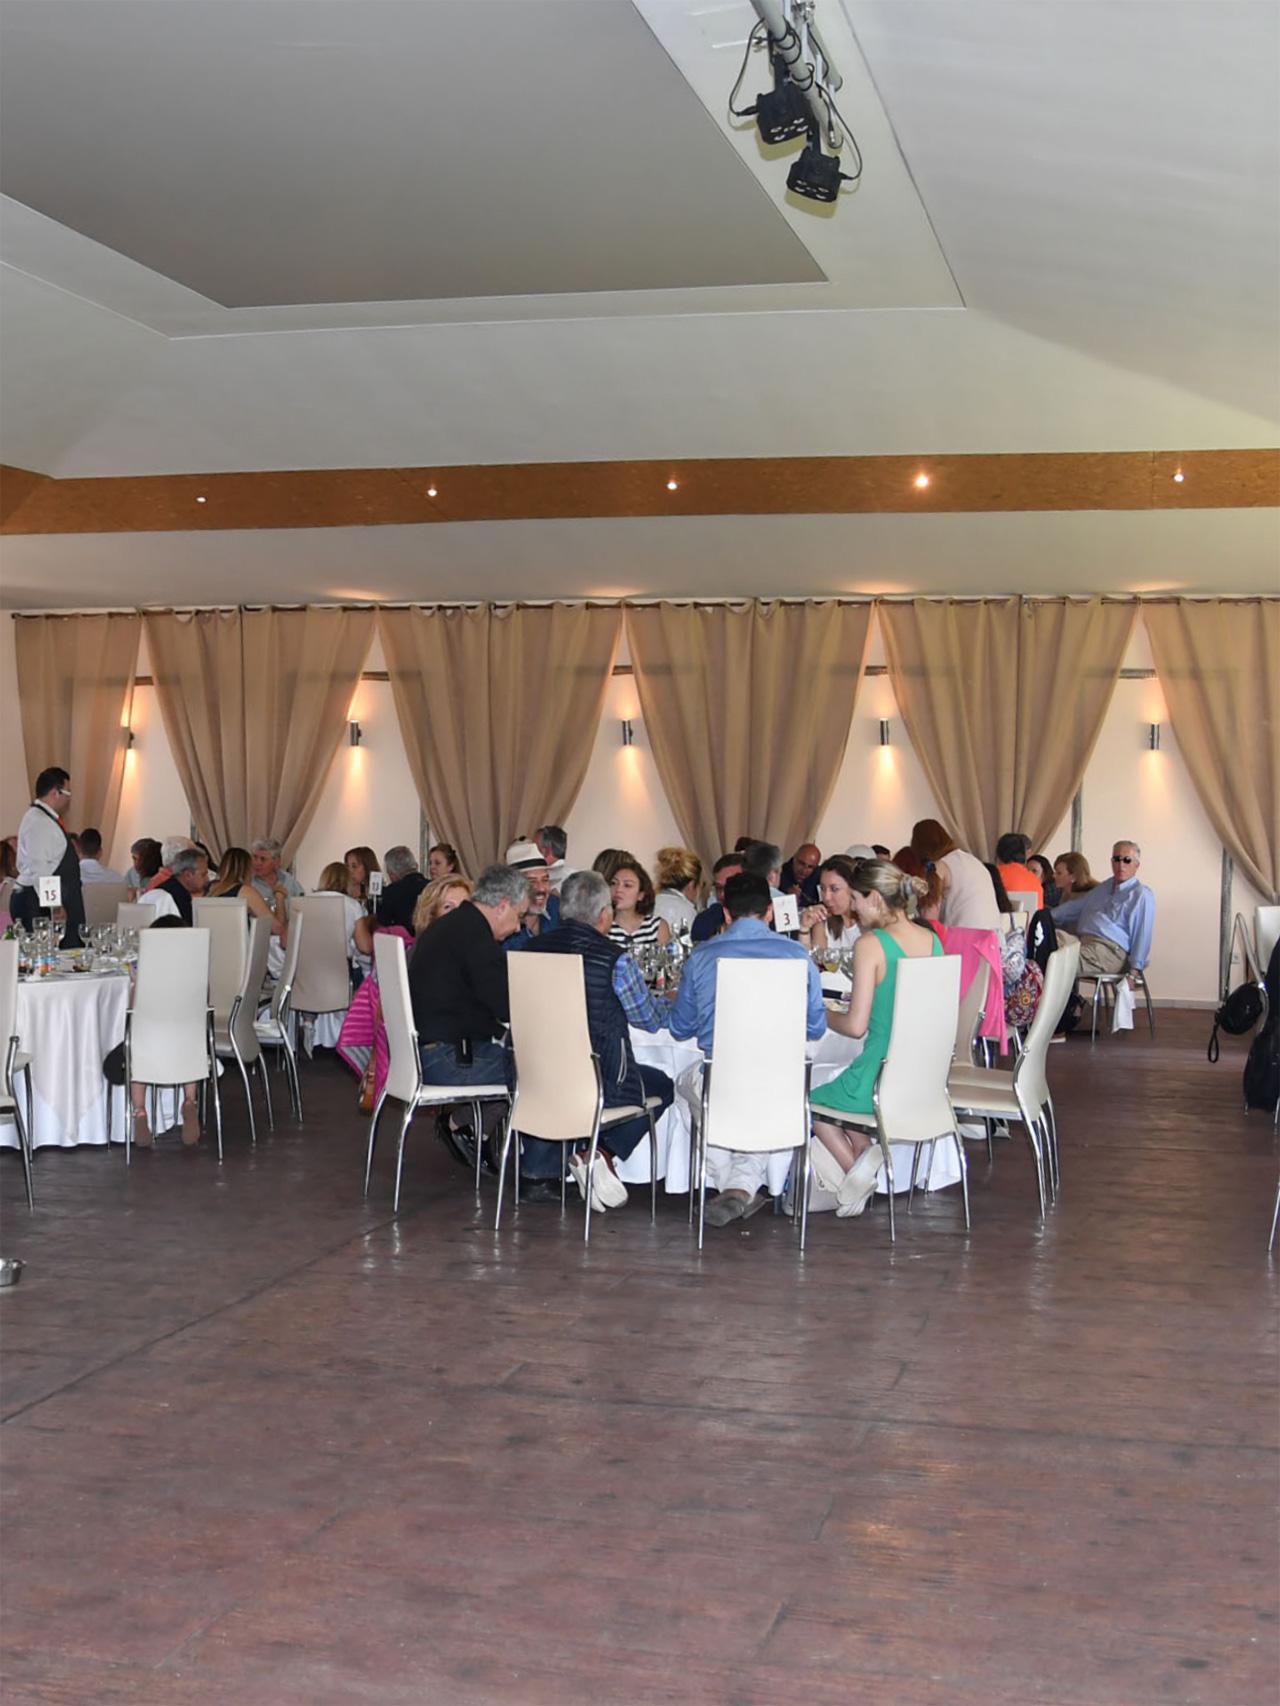 Εκδήλωση της ΦΙΛΠΑ στην Βαρυμπόμπη, στο Κτήμα Αριάδνη